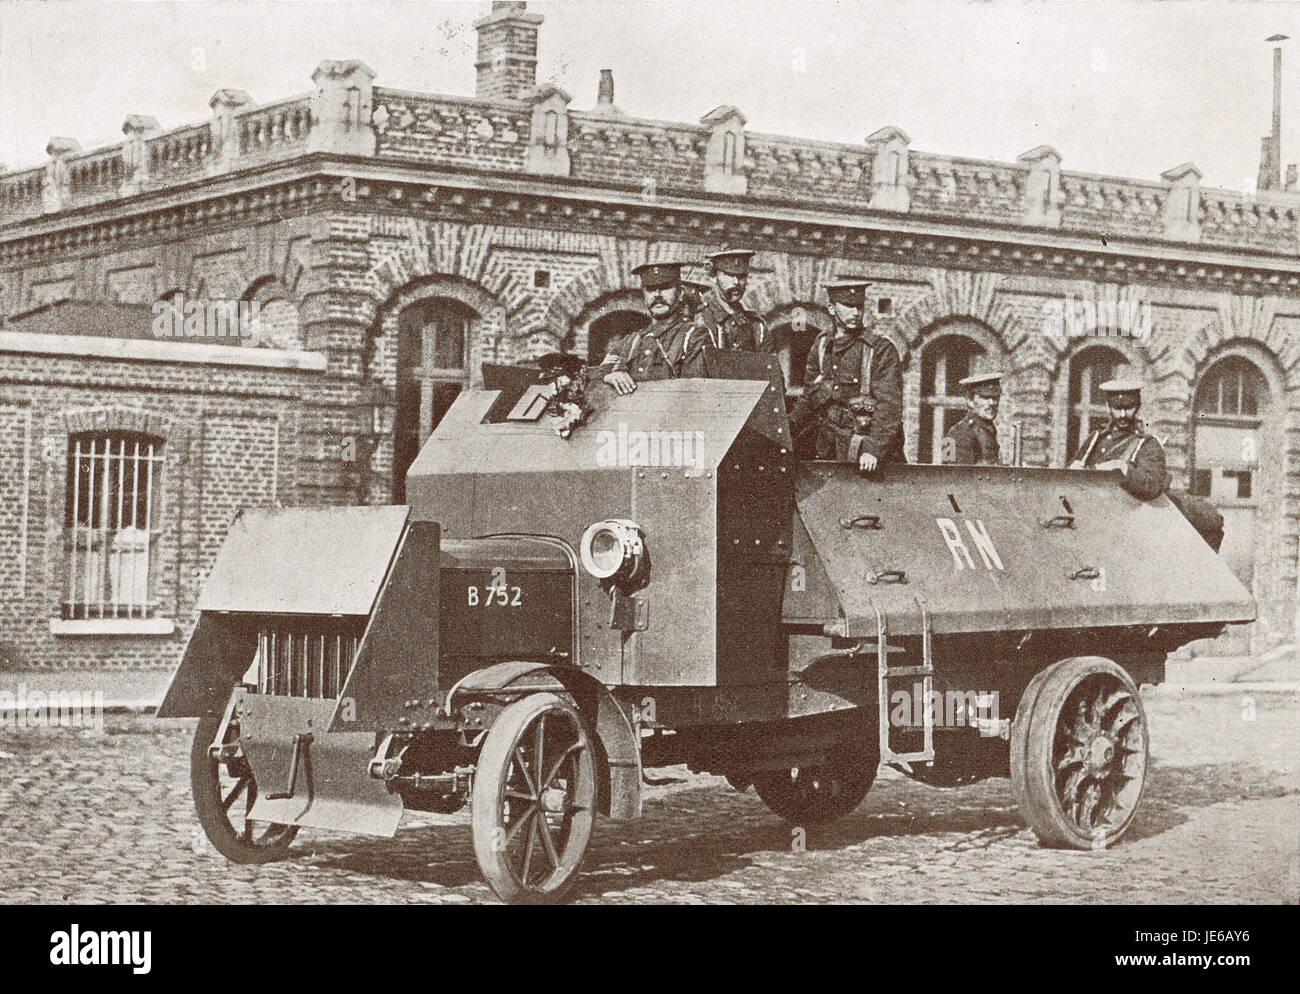 British Armoured motor car, WW 1 1914 - Stock Image